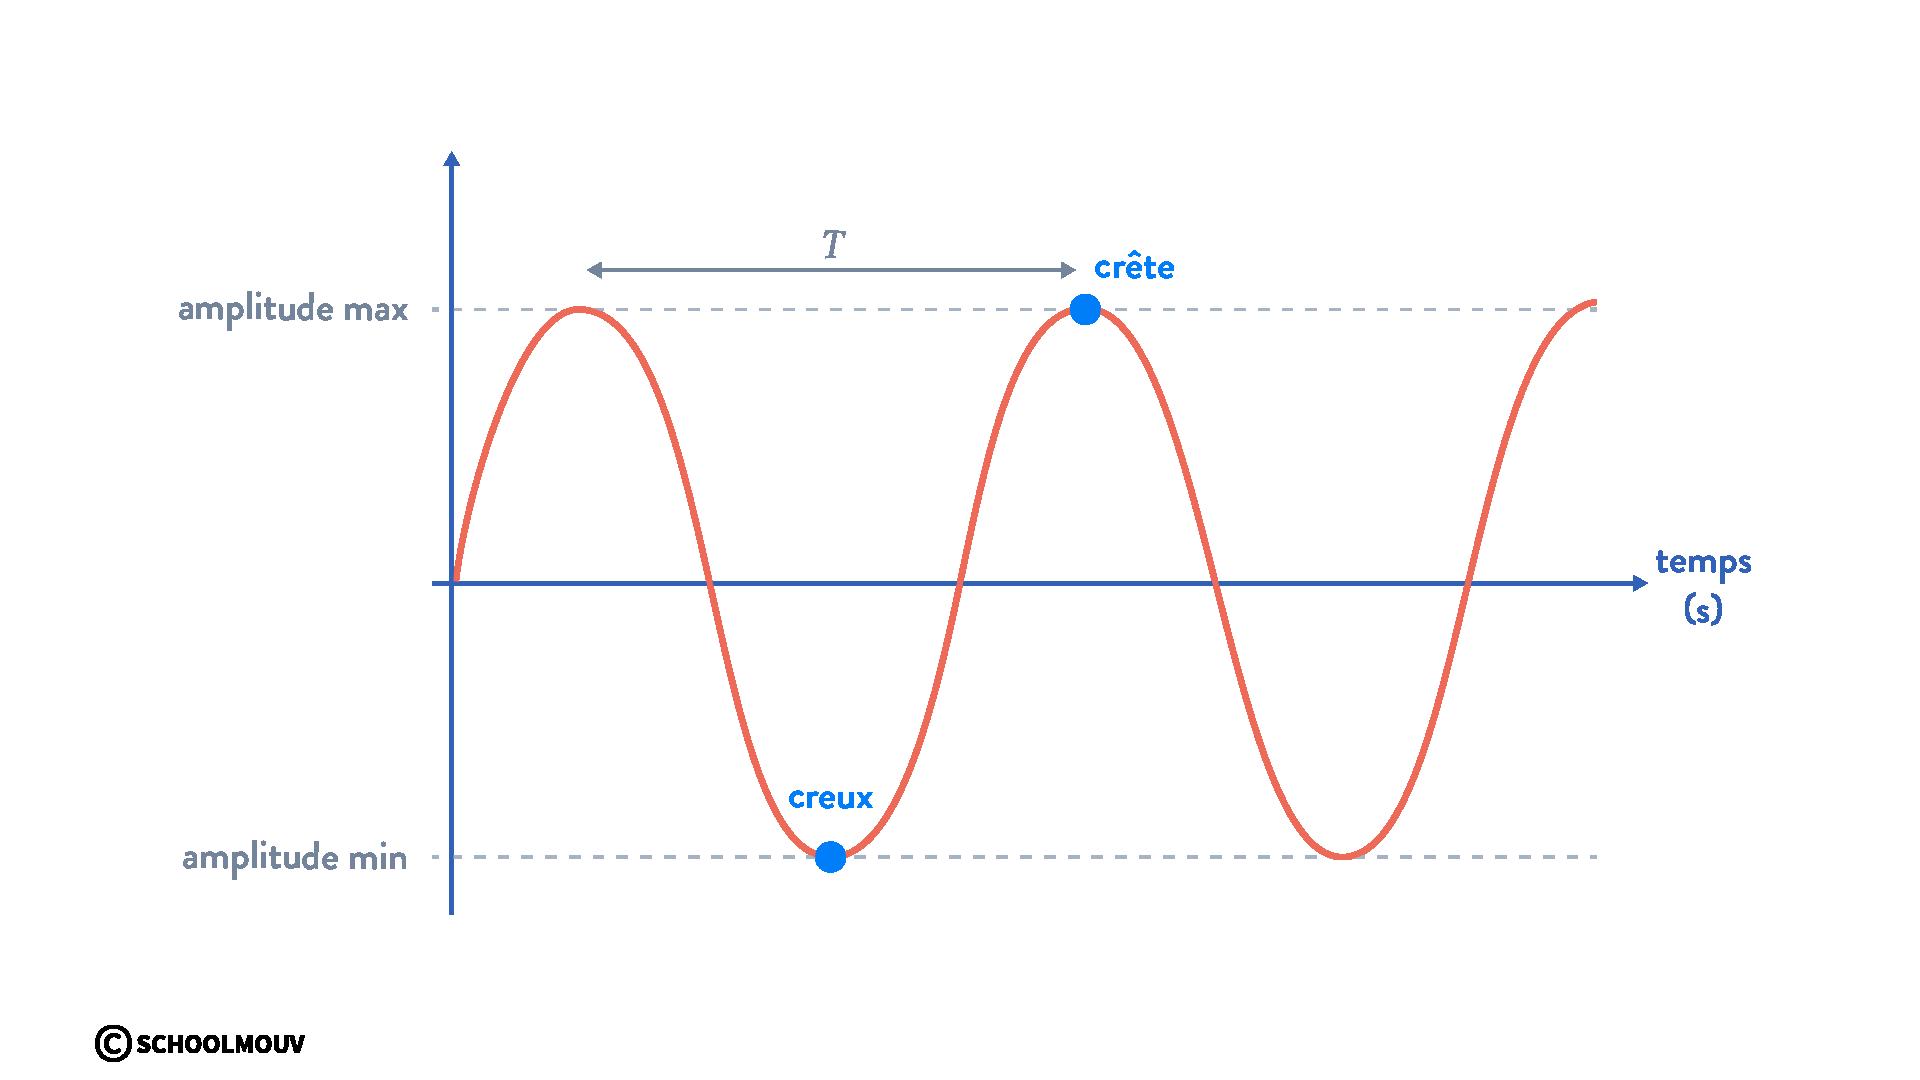 interférences de deux ondes physique chimie terminale signal sinusoïdal périodique creux crête